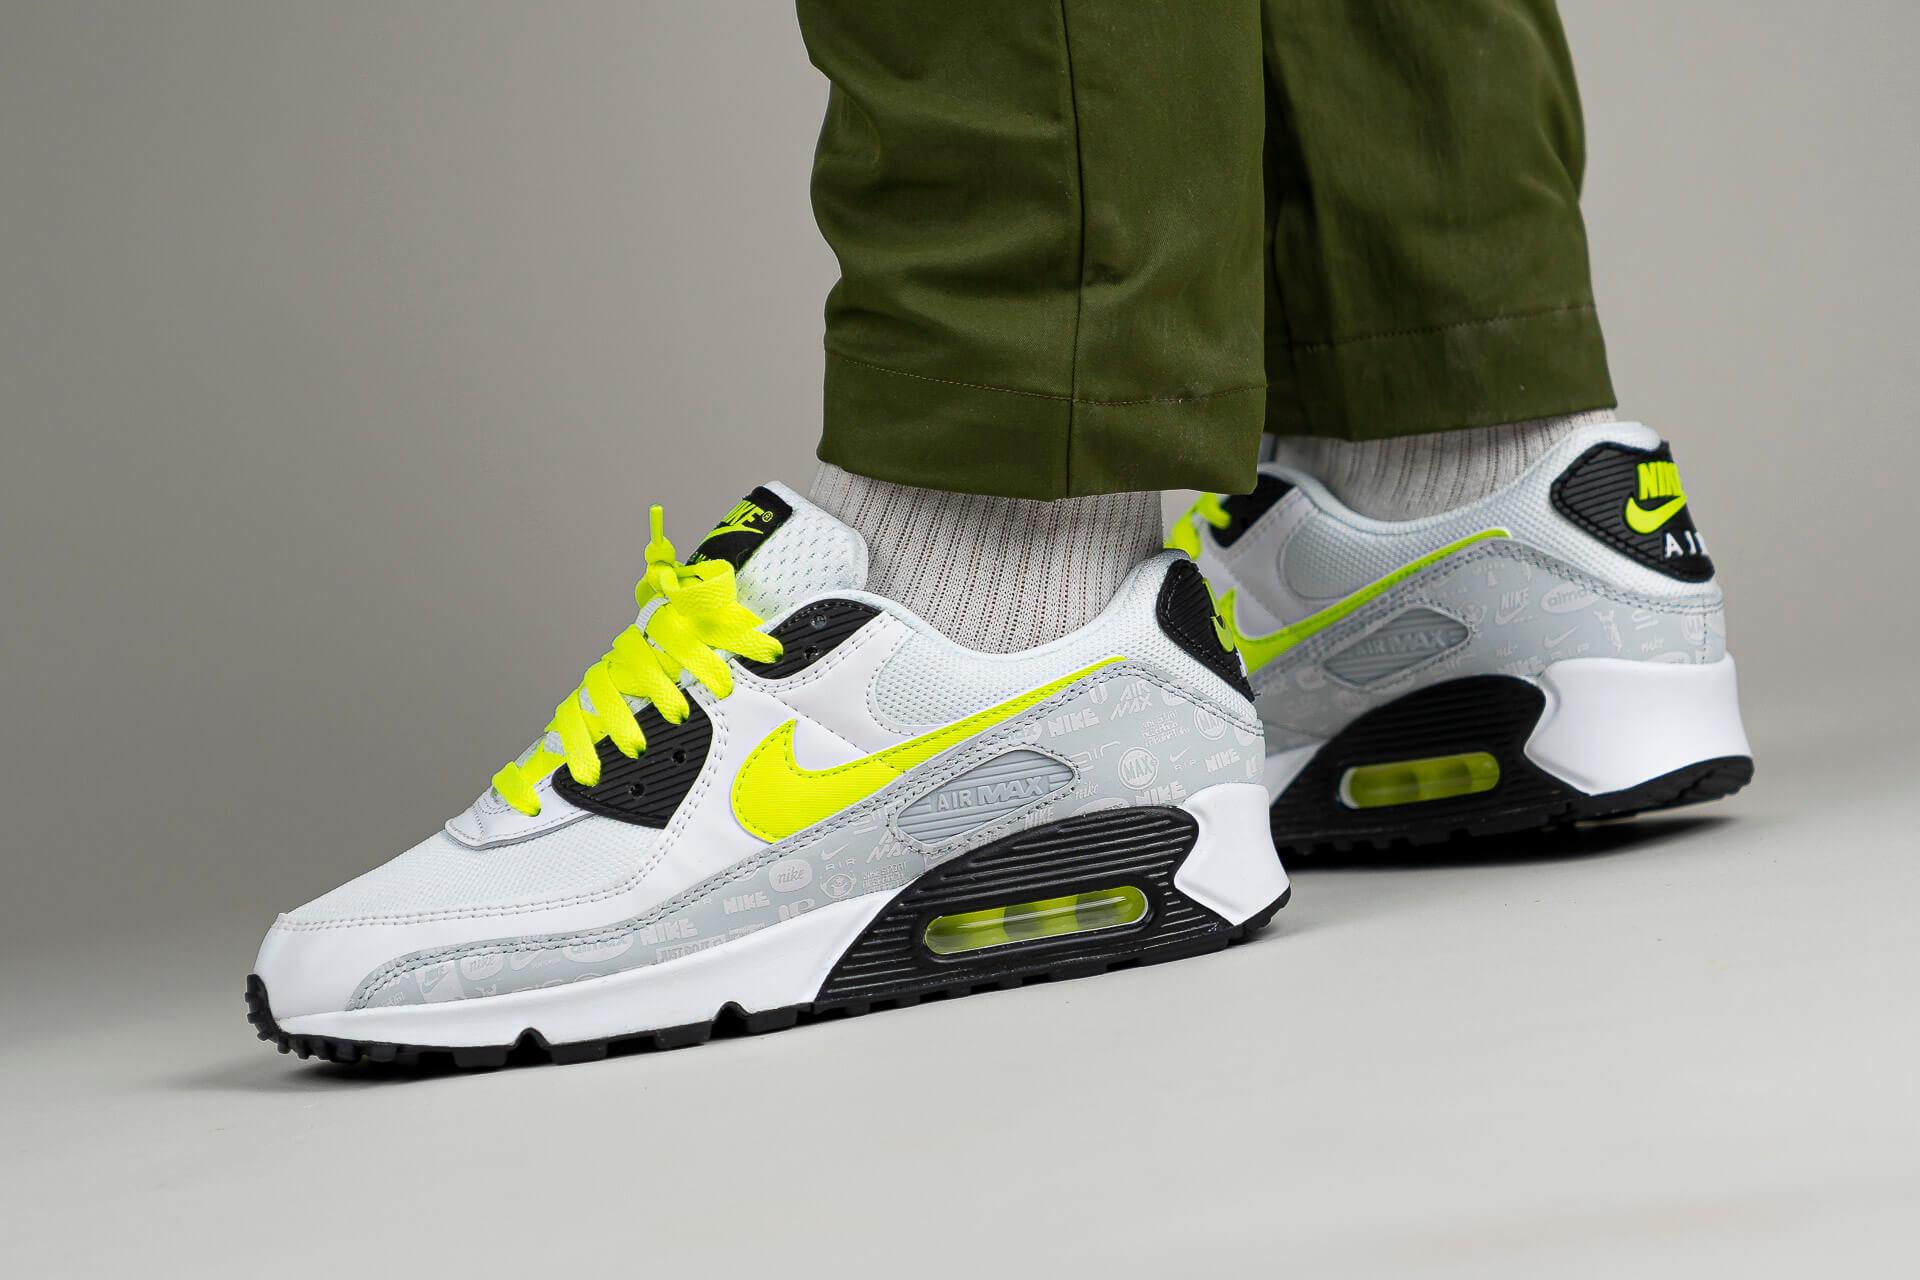 zeigt Air Max 90 von Nike